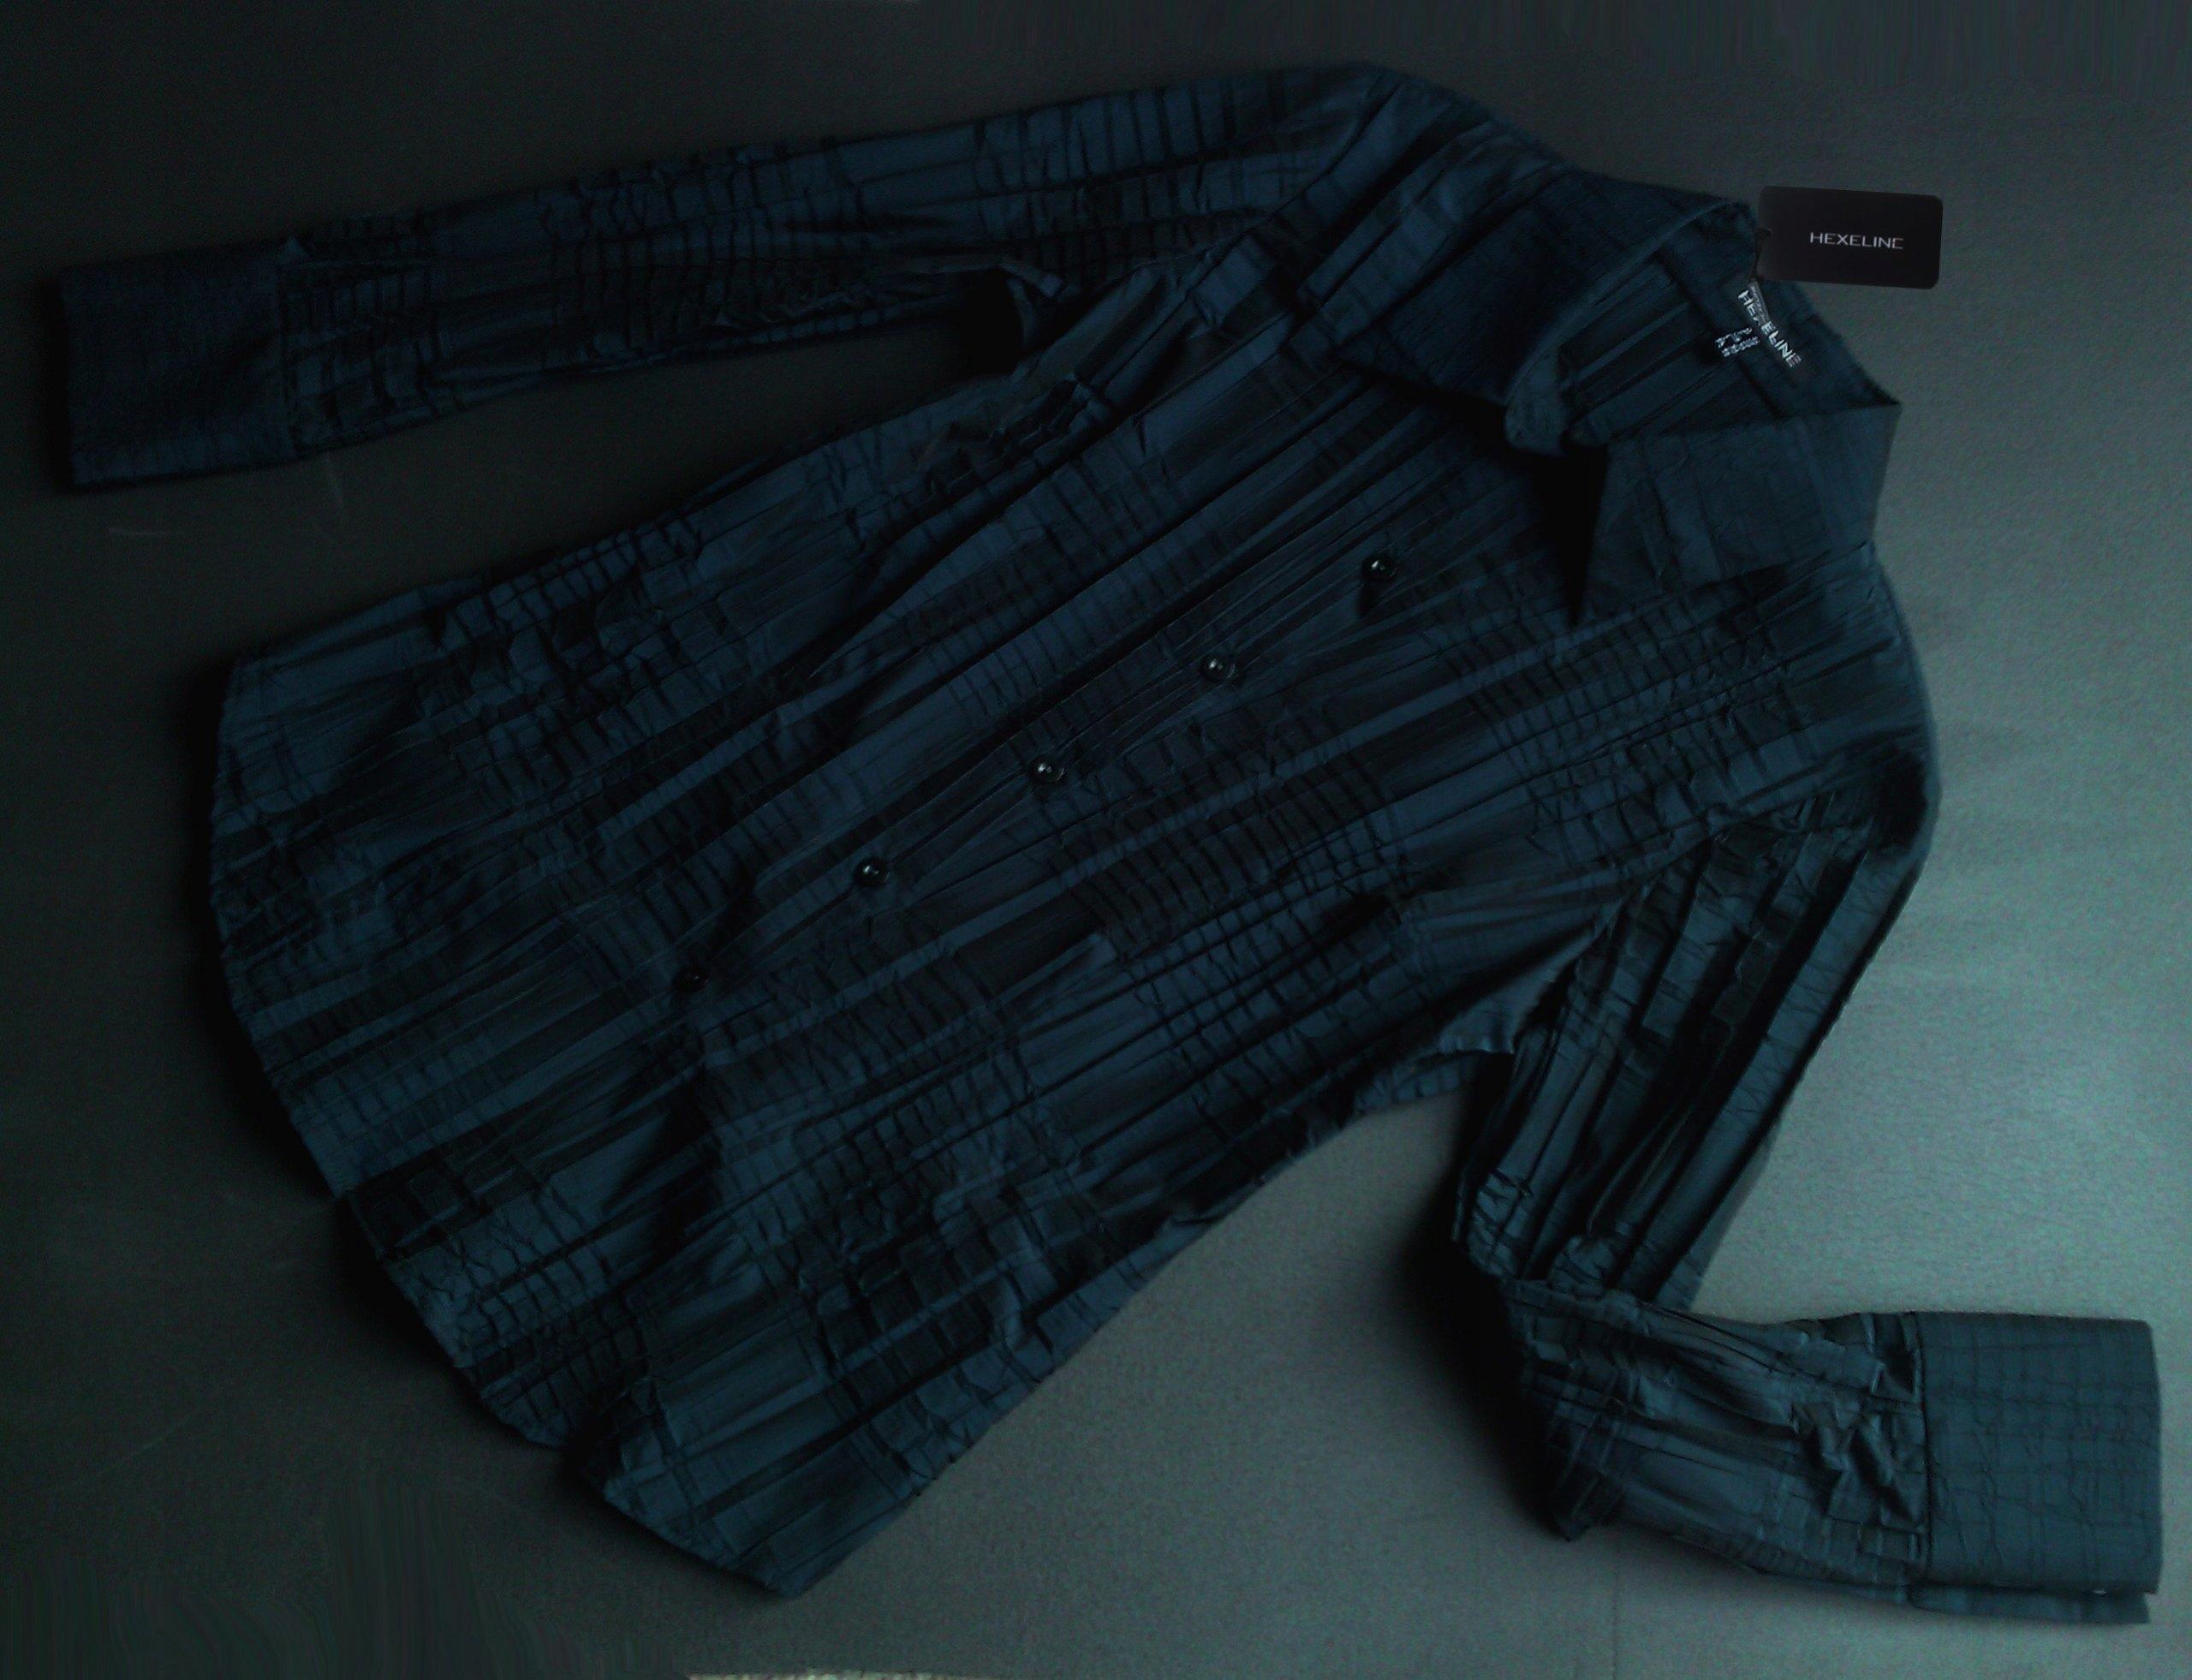 6310af39796c81 Hexeline 36 elegancka koszula niebieska gnieciona - 7507205784 ...